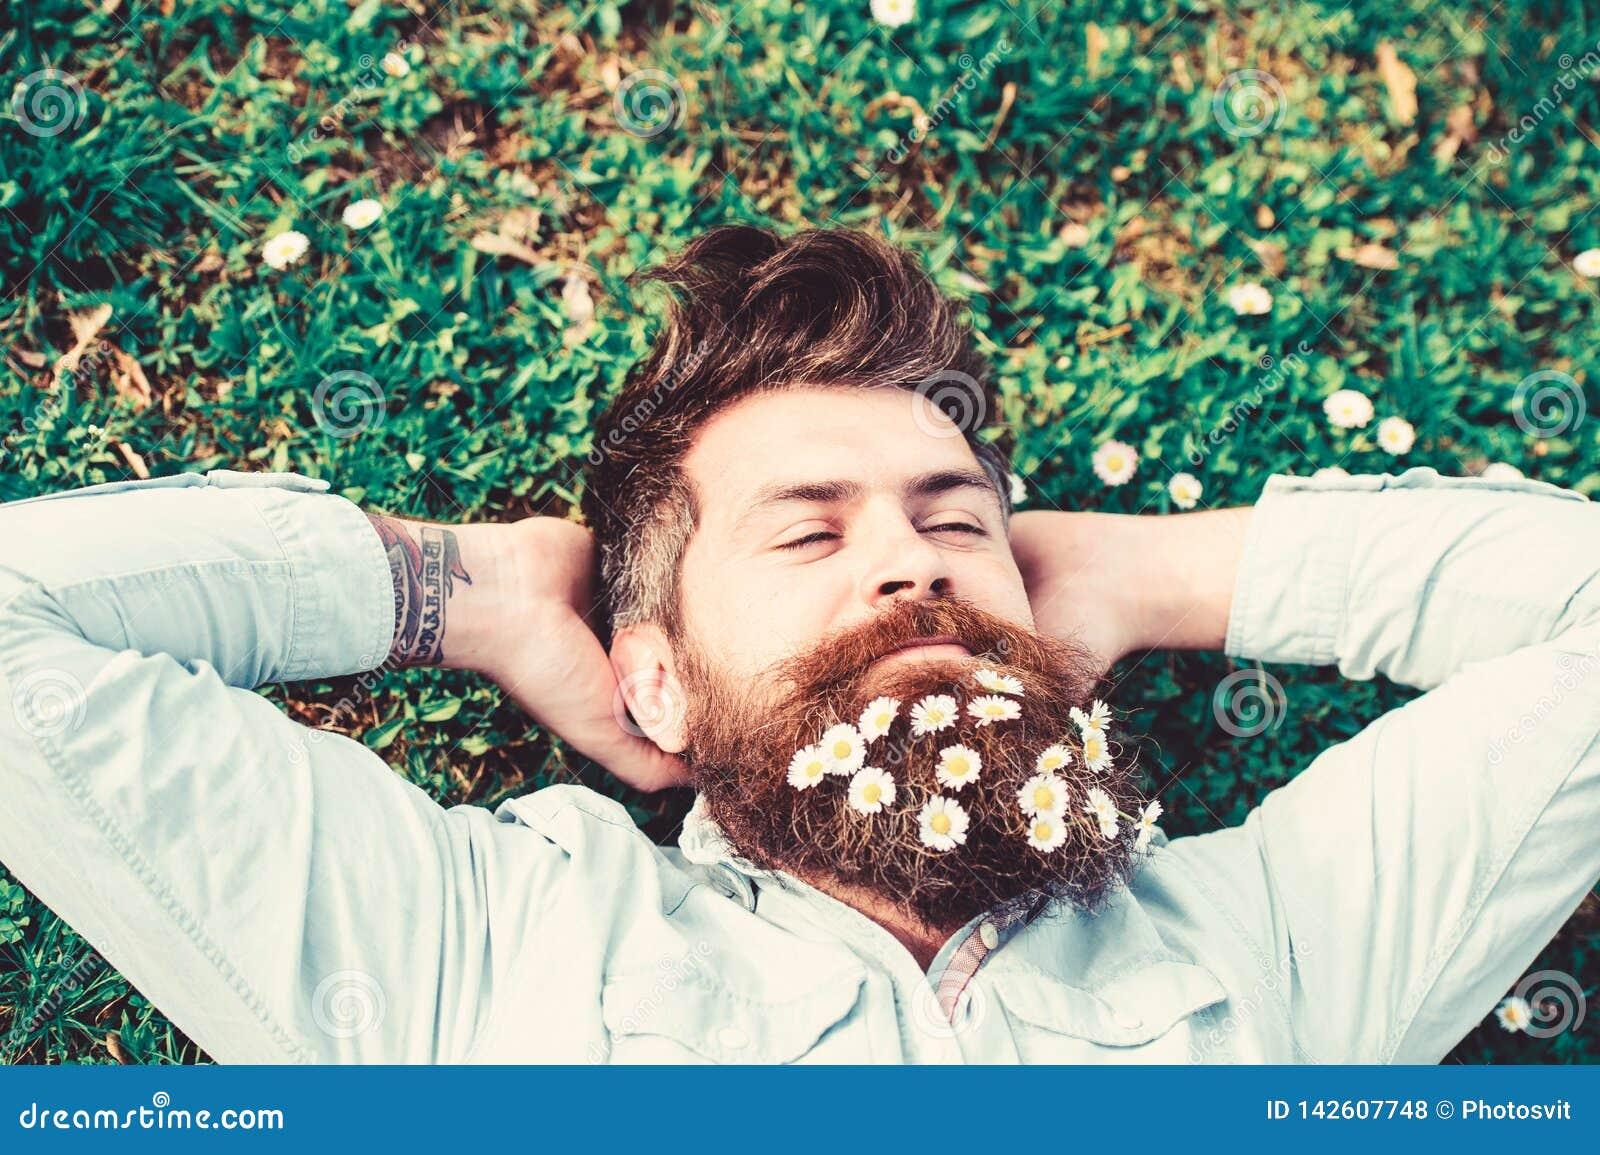 Hipsteren på fridsam framsida lägger på gräs, bästa sikt Grabben ser utmärkt med tusenskönan, eller kamomillen blommar i skägg 30